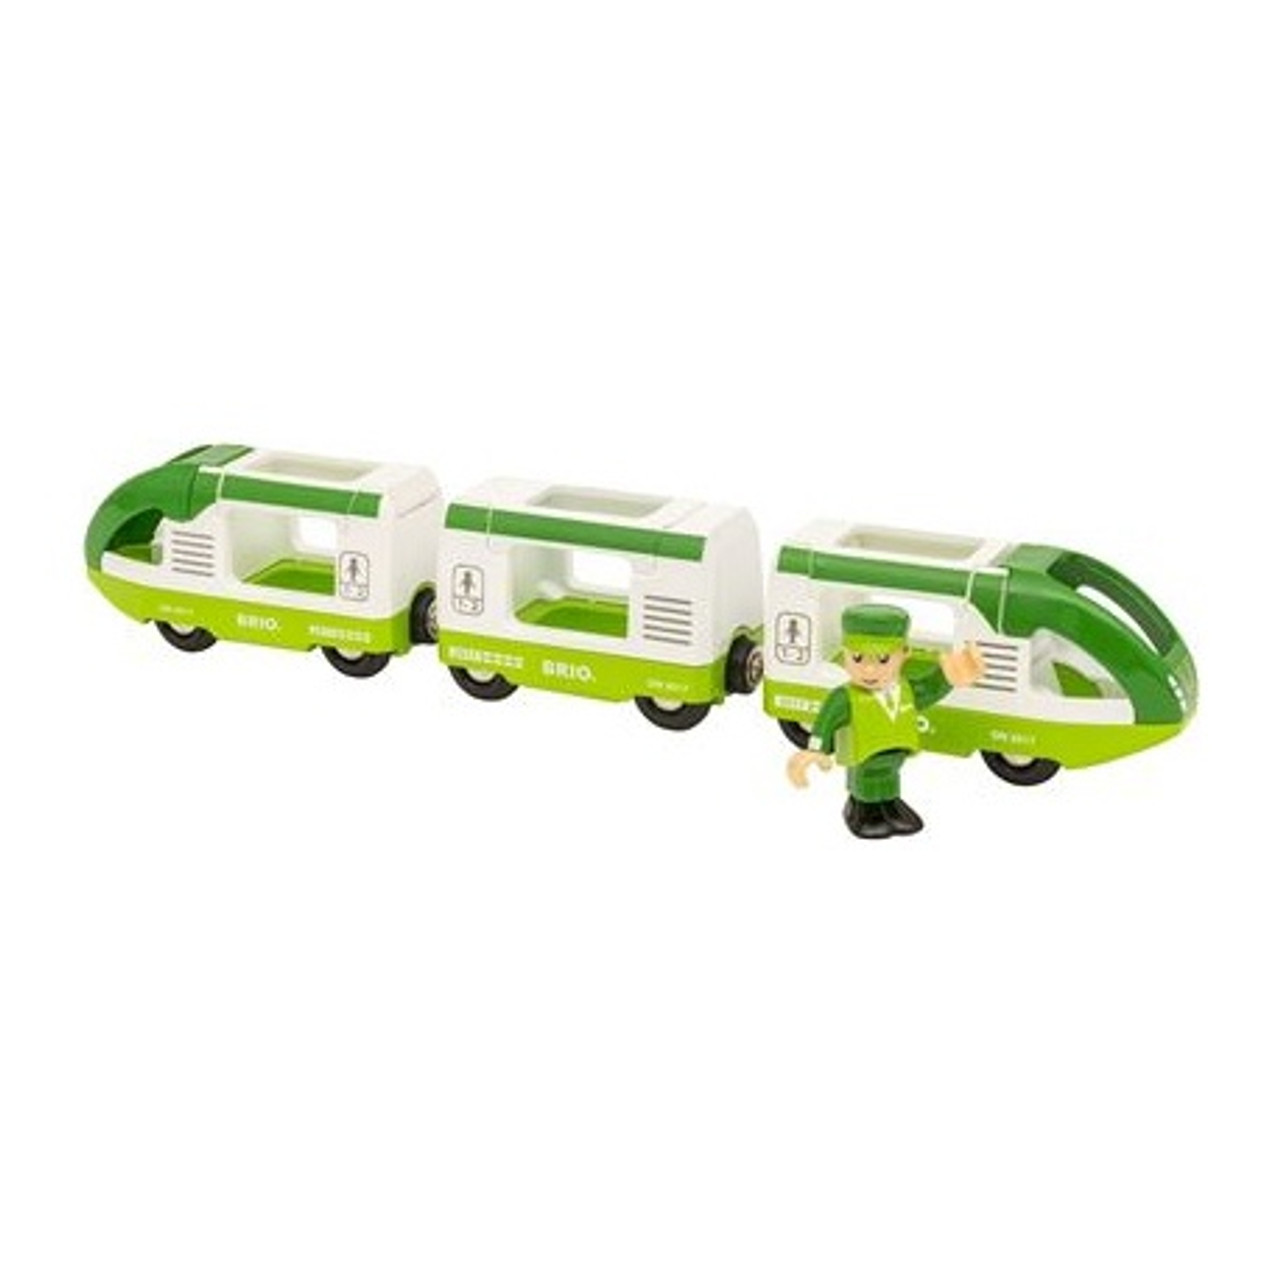 BRIO GREEN TRAVEL TRAIN